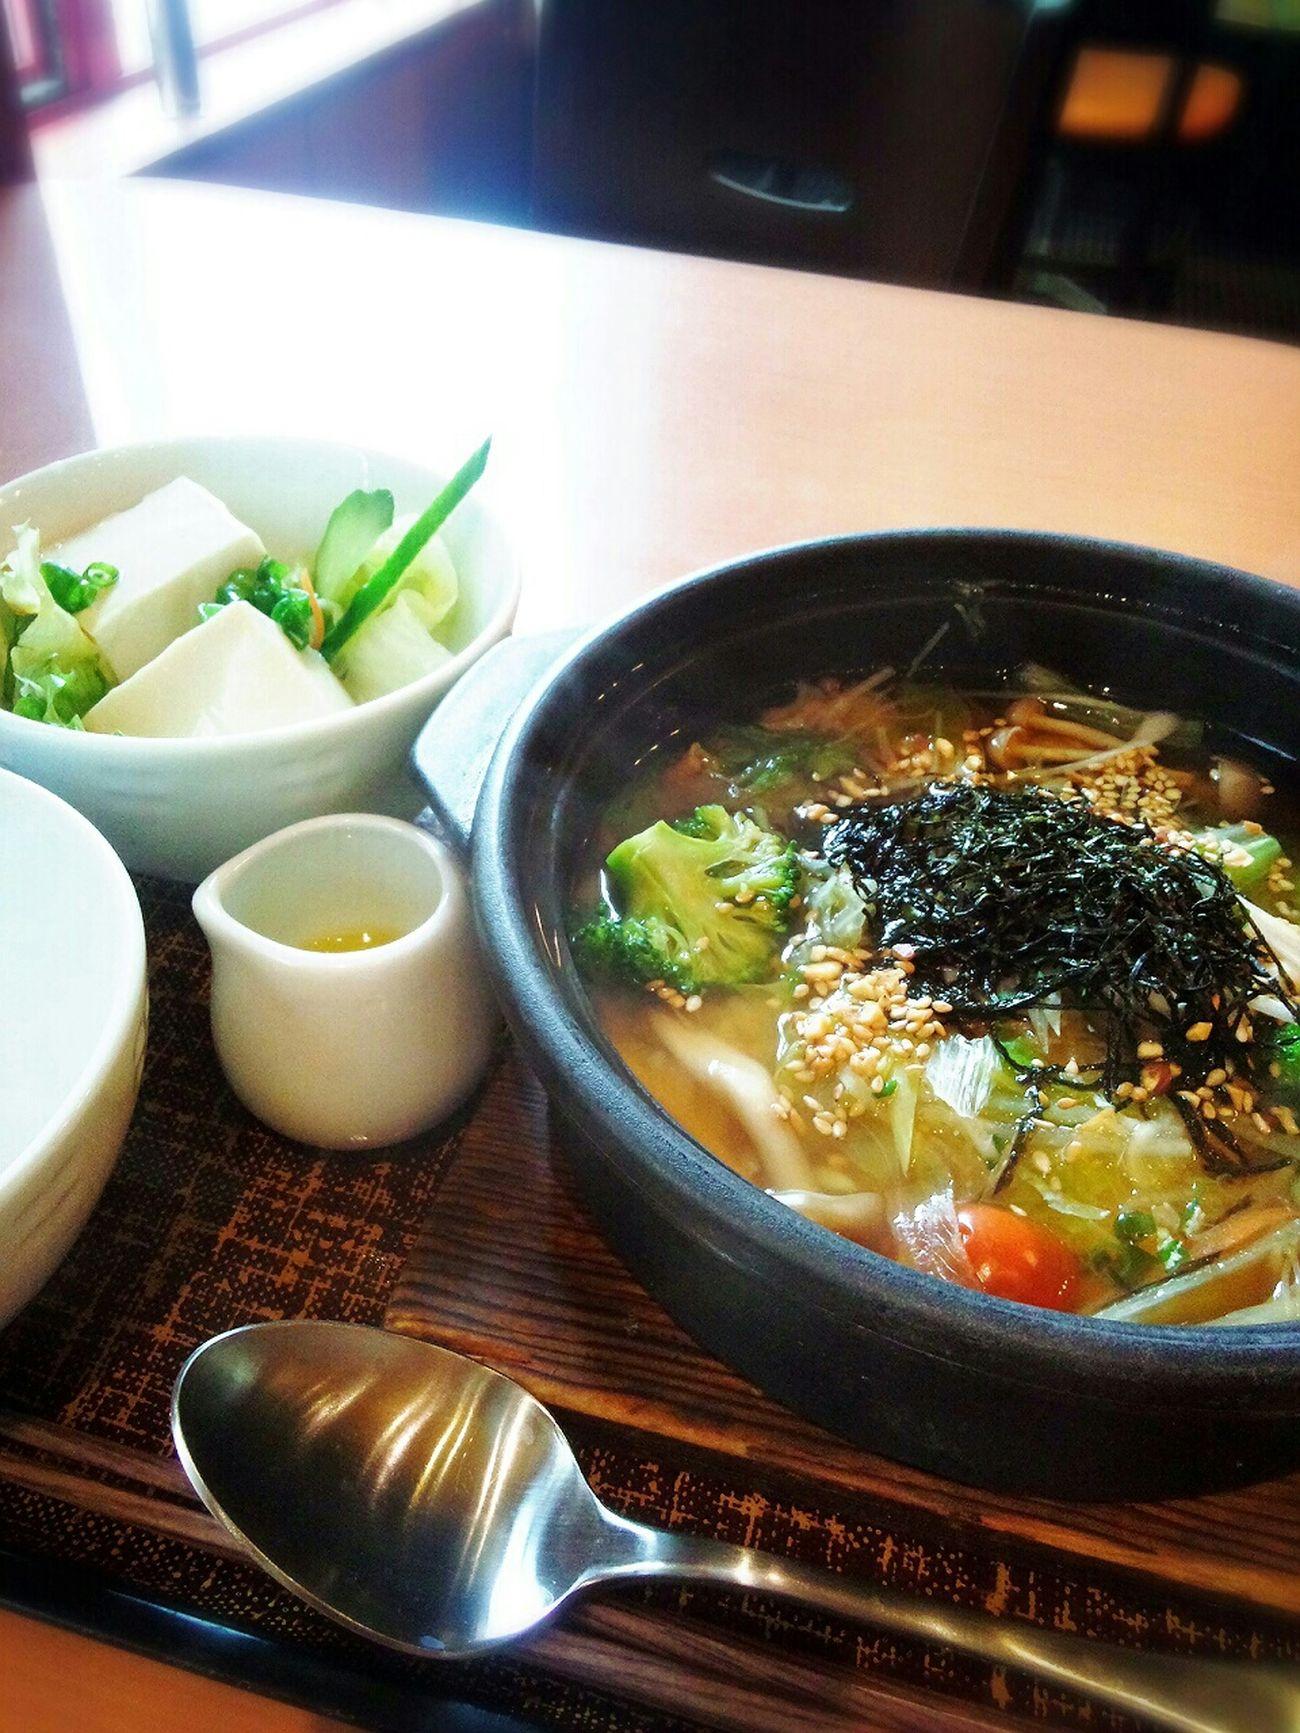 野菜たっぷりスープごはん🍴 Lunch Healthylunch Food Porn Enjoying A Meal Denny's Japanese Restaurant Rice Porridgewith vegetables